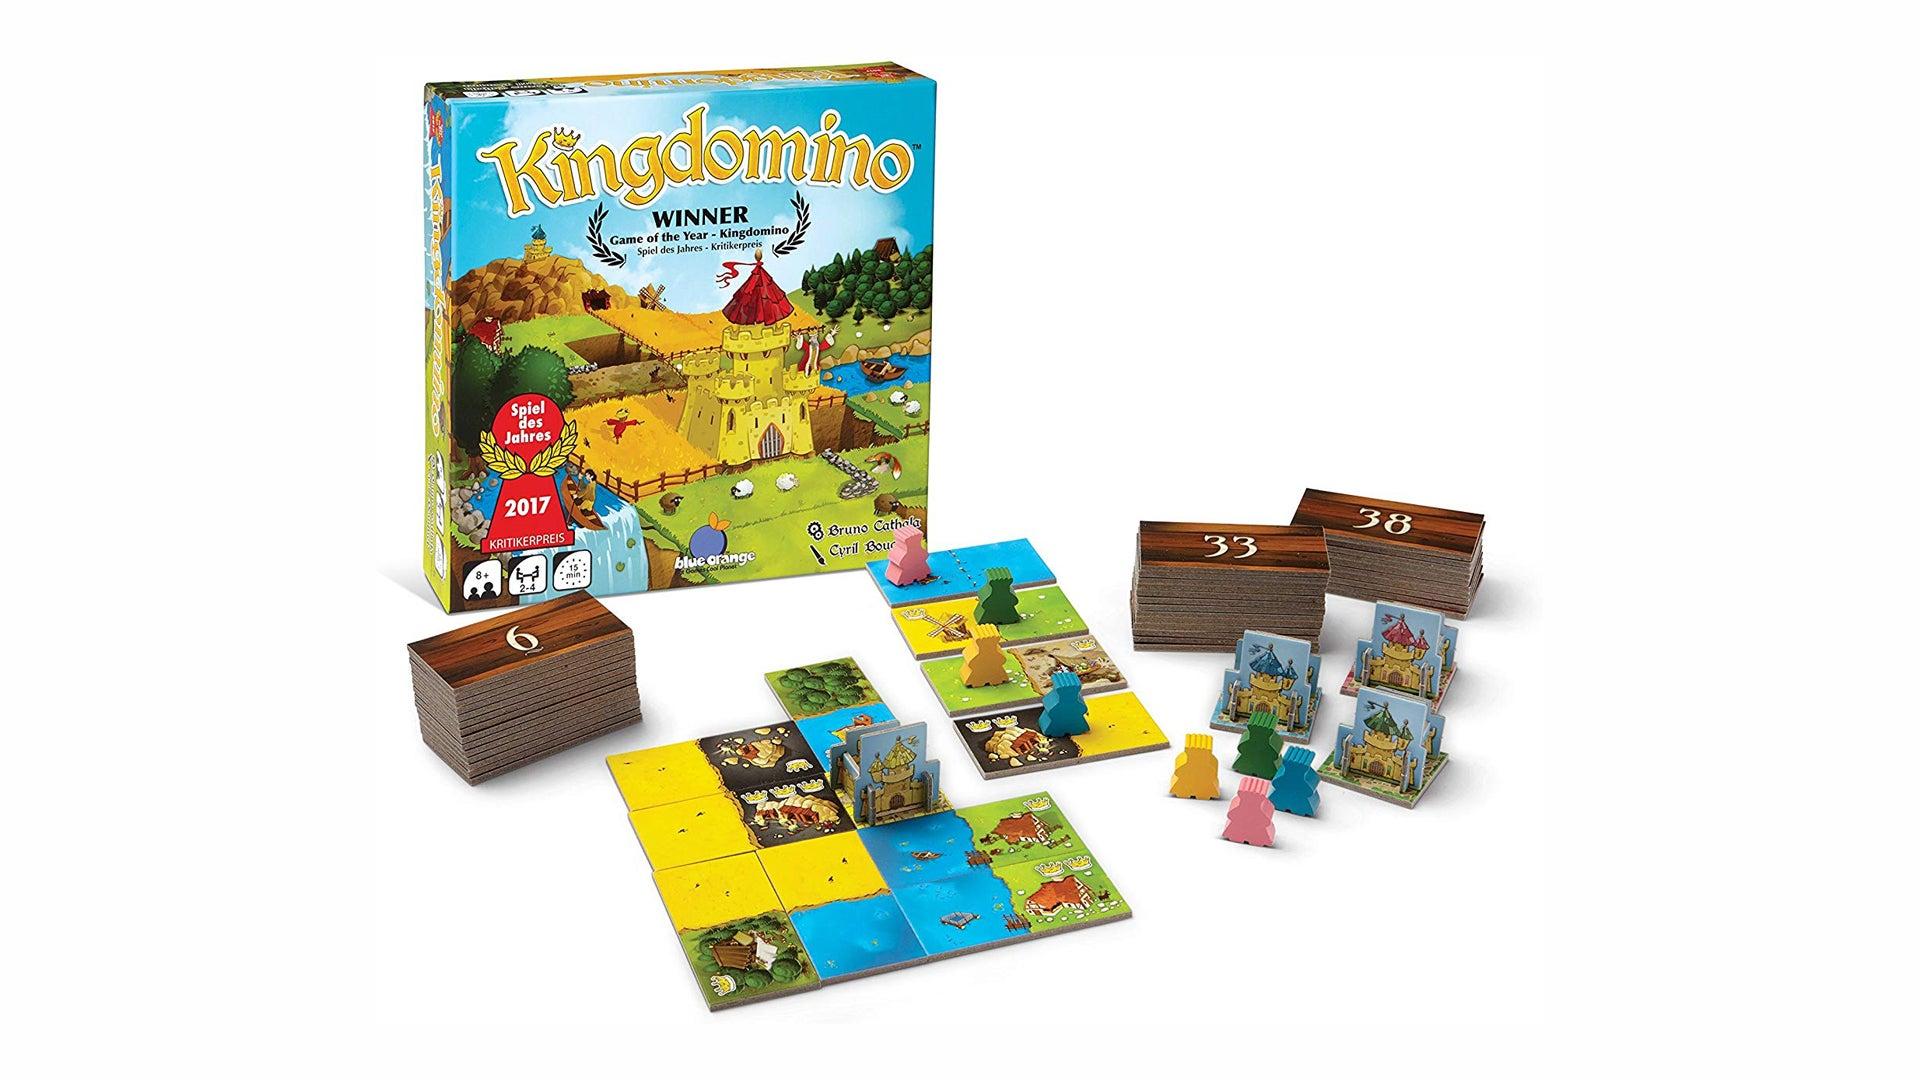 Kingdomino board game layout